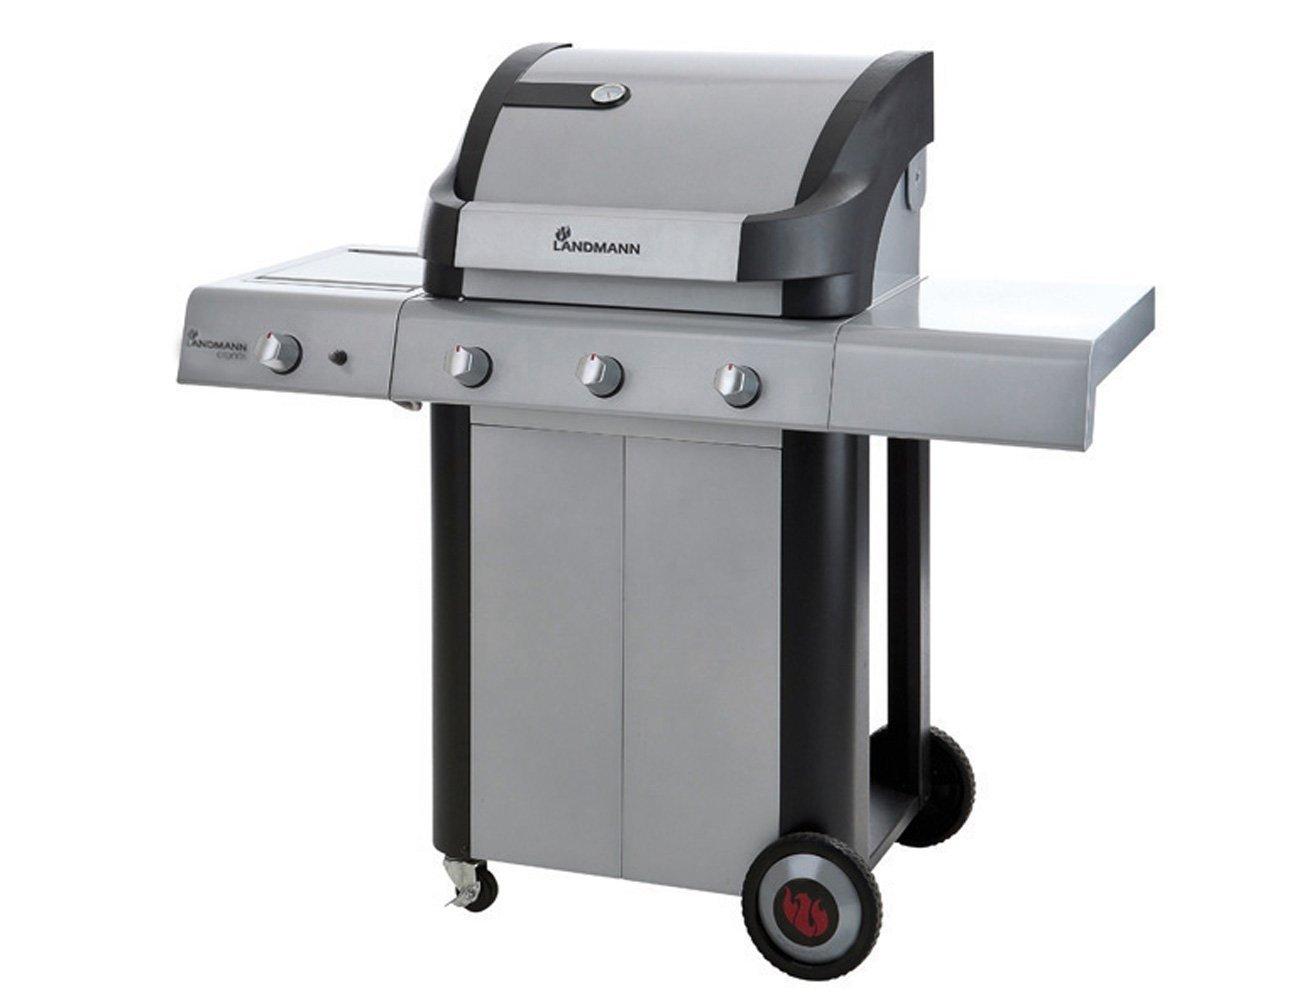 Outdoor Küche Edelstahl Vergleich : Outdoor küche mit gasgrill und 4 brenner utah luxus outdoor küche